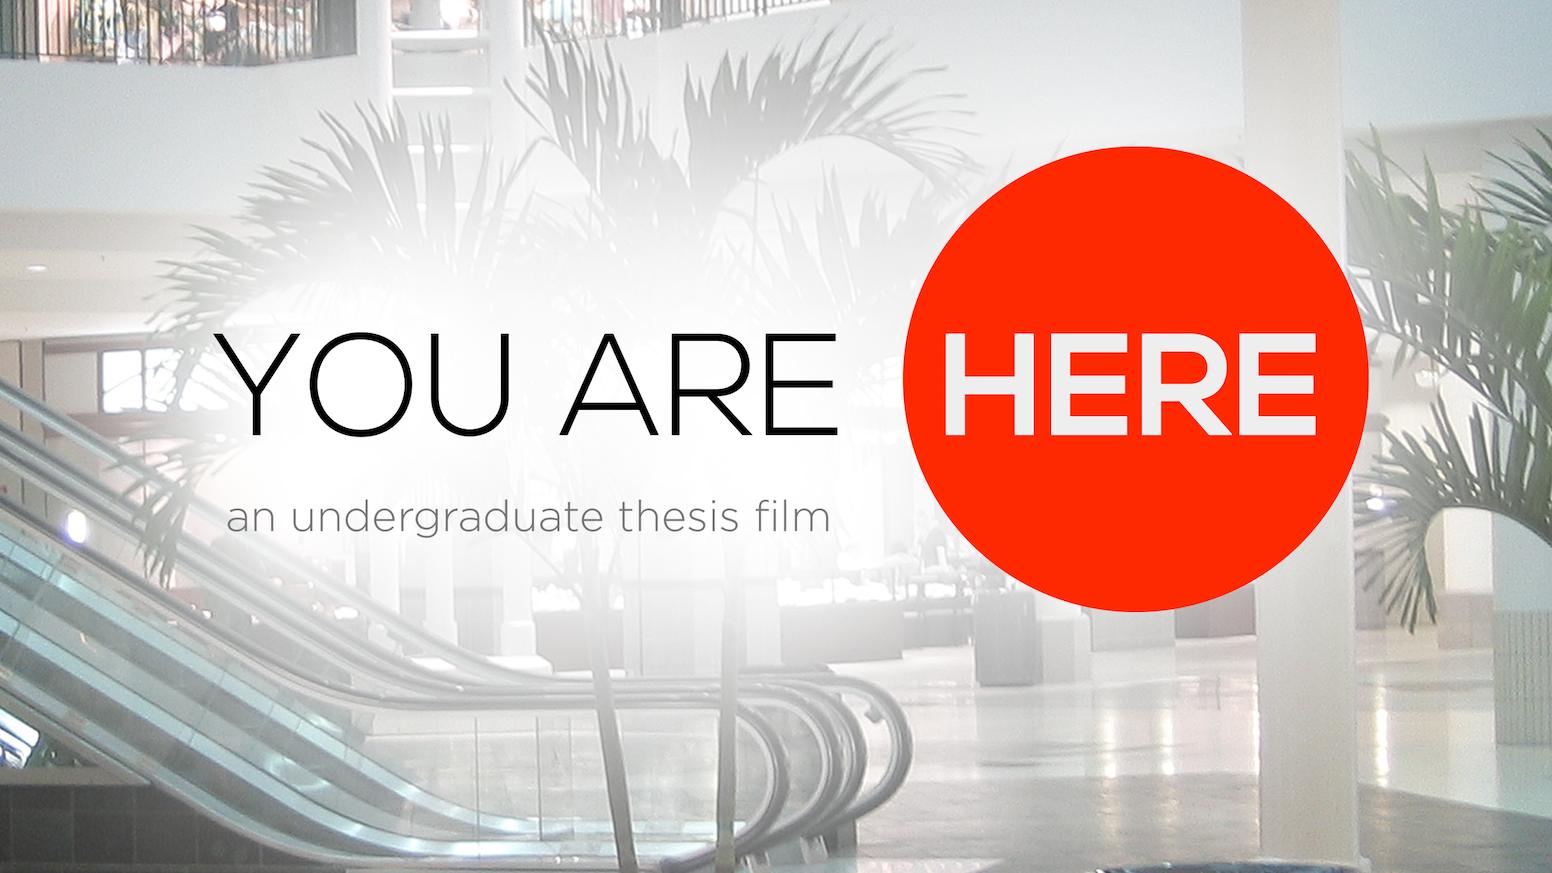 Dissertation film sound